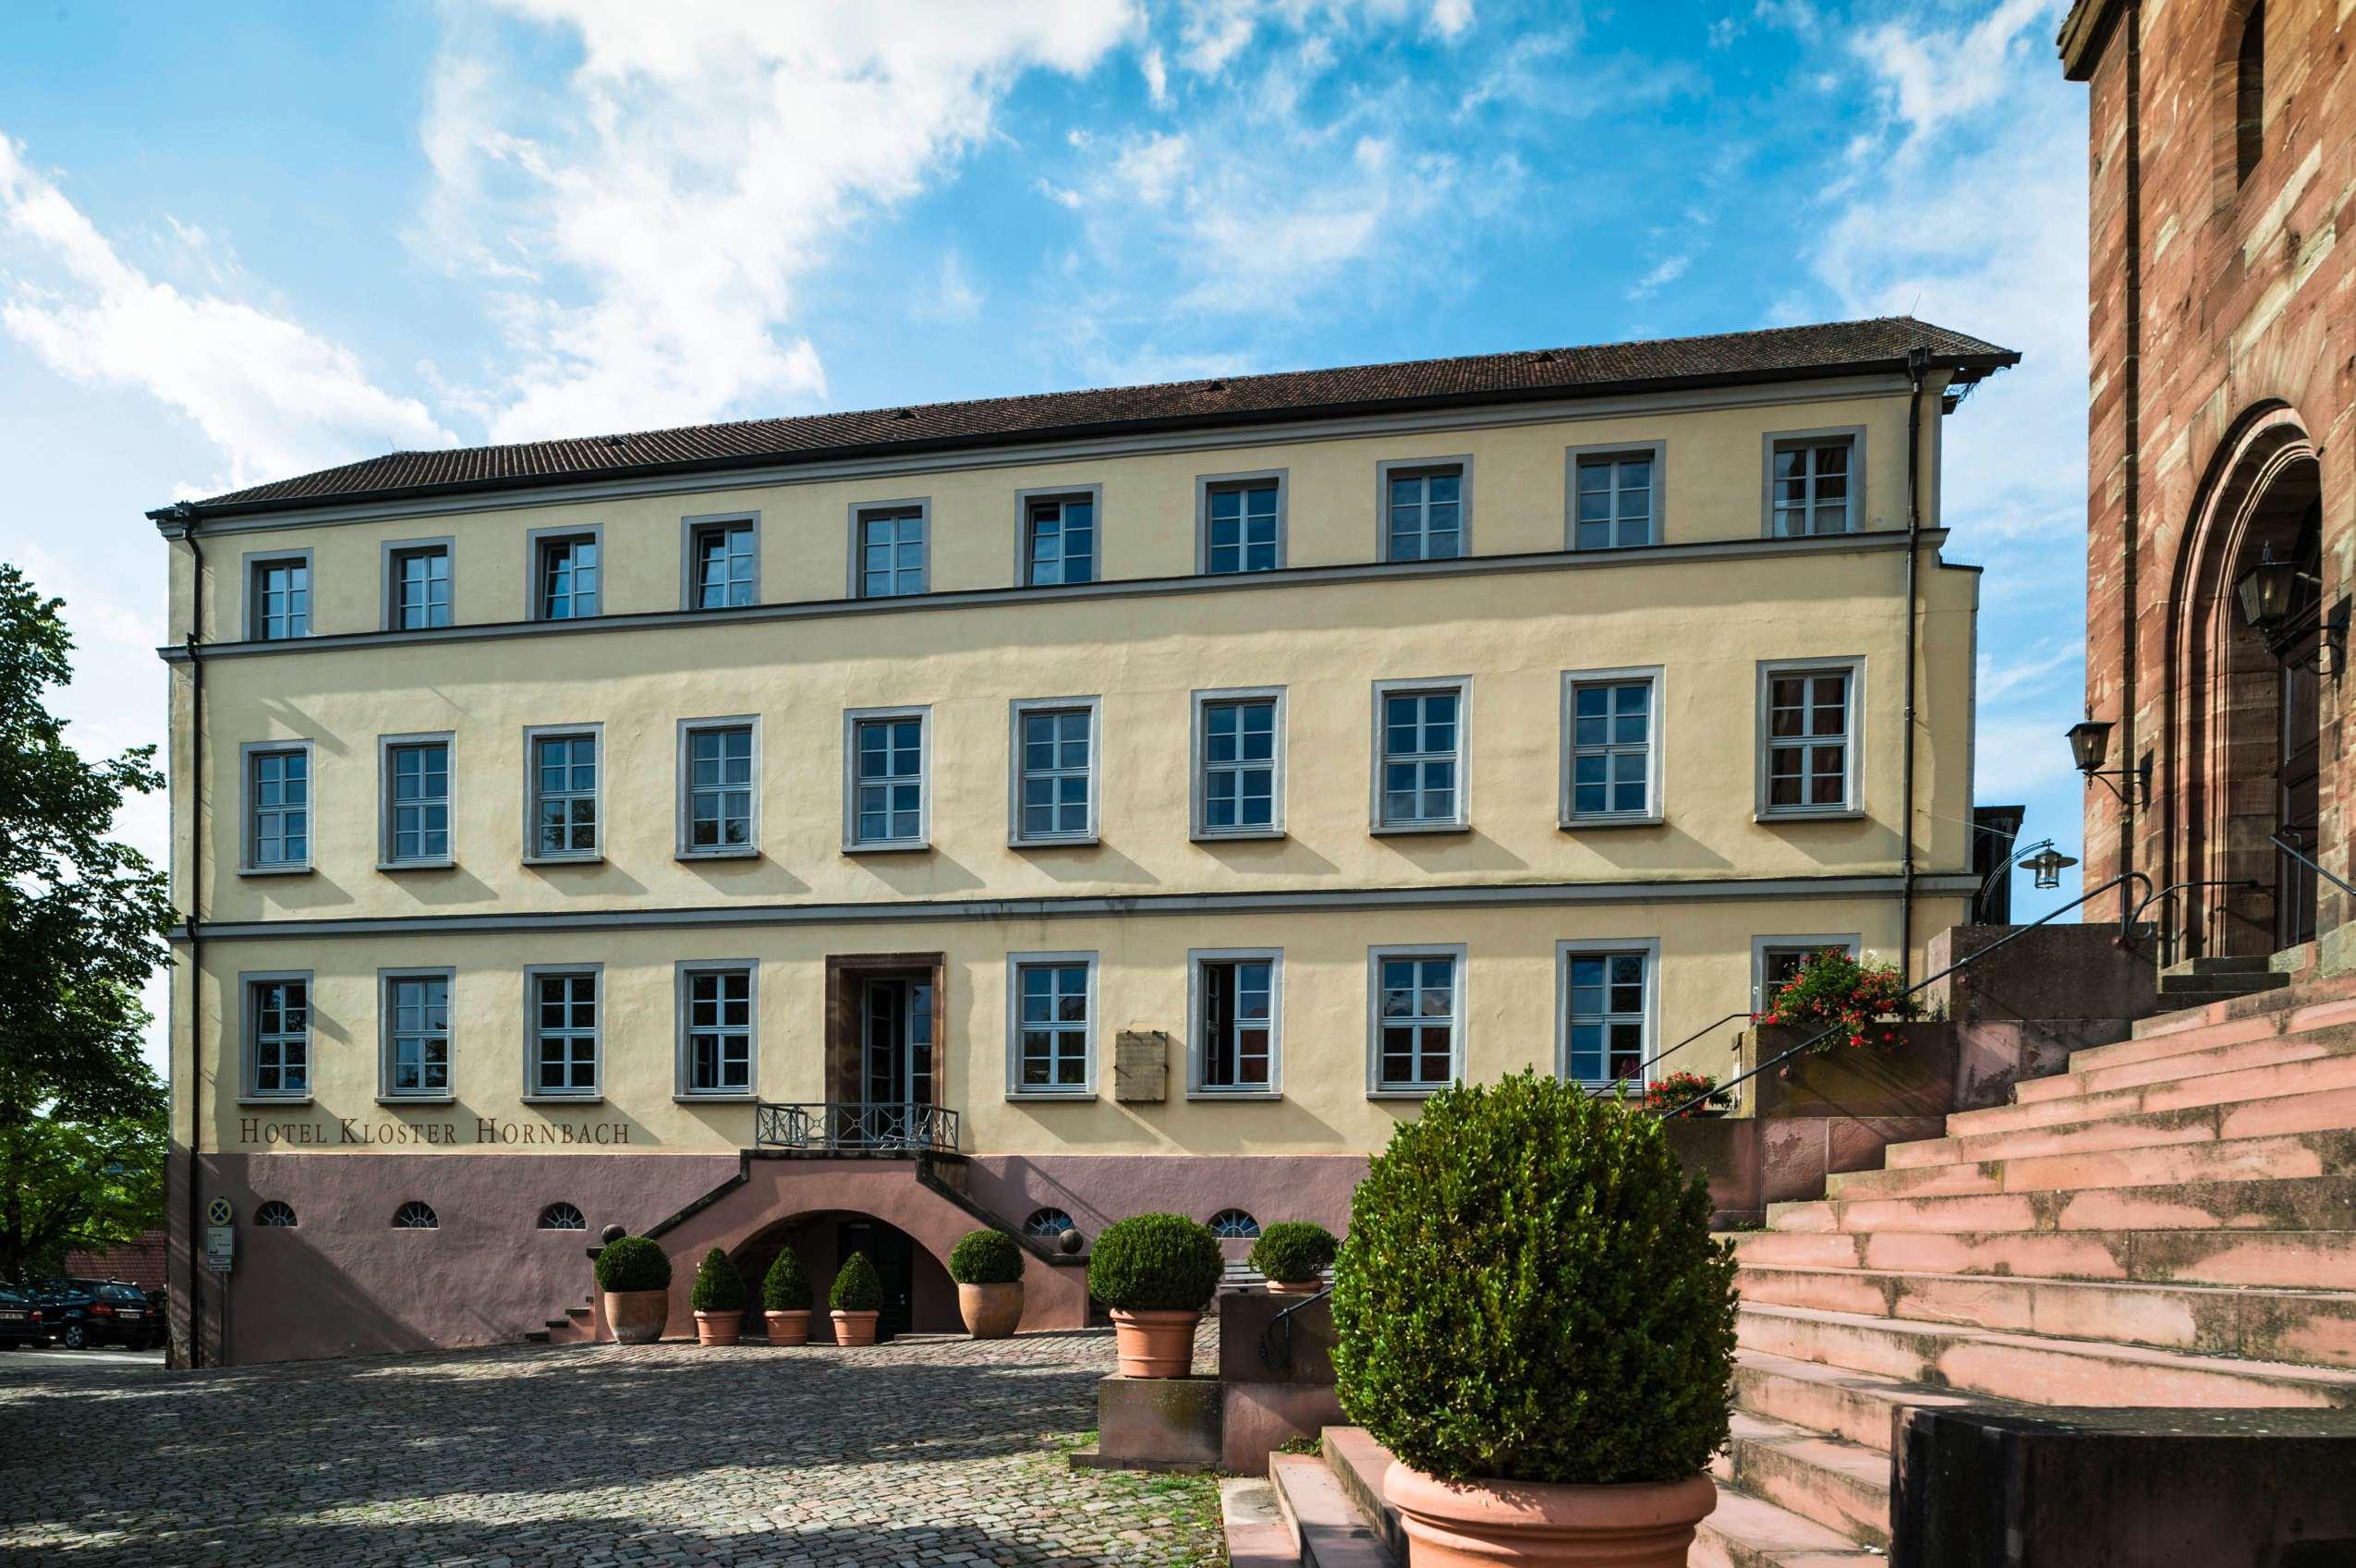 Das Hotel Kloster Hornbach von außen.